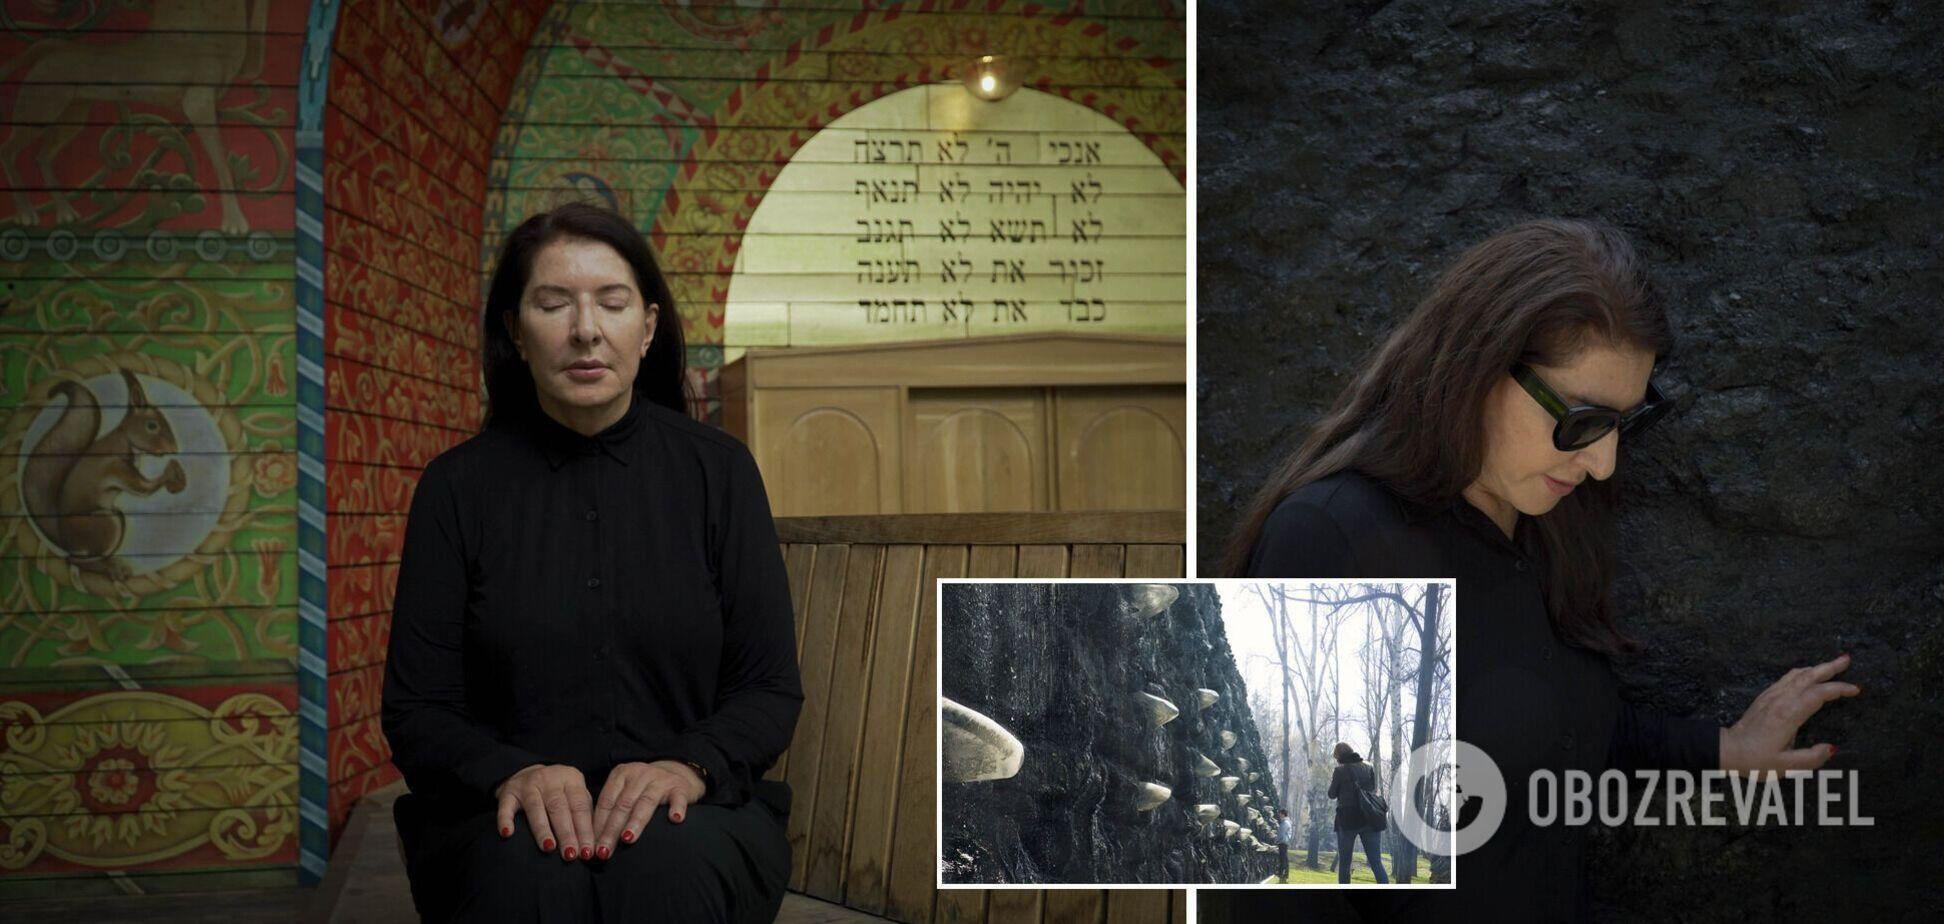 Марина Абрамович в Киеве: в Бабьем Яру начали возведение Хрустальной стены плача